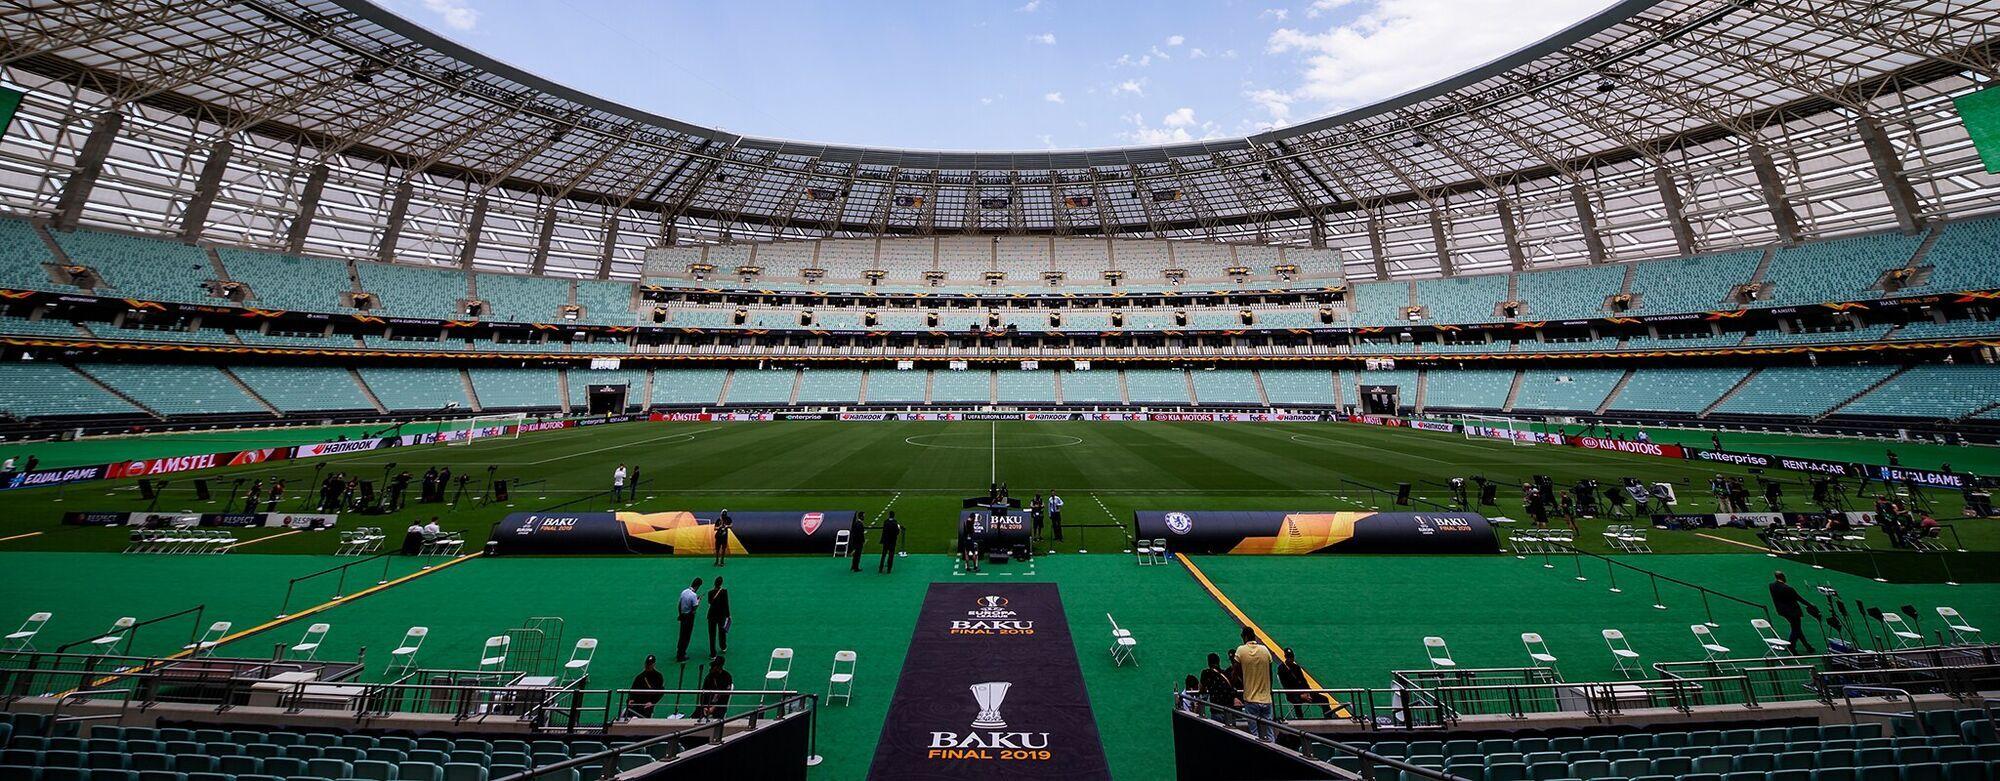 Олимпийский стадион (Баку)